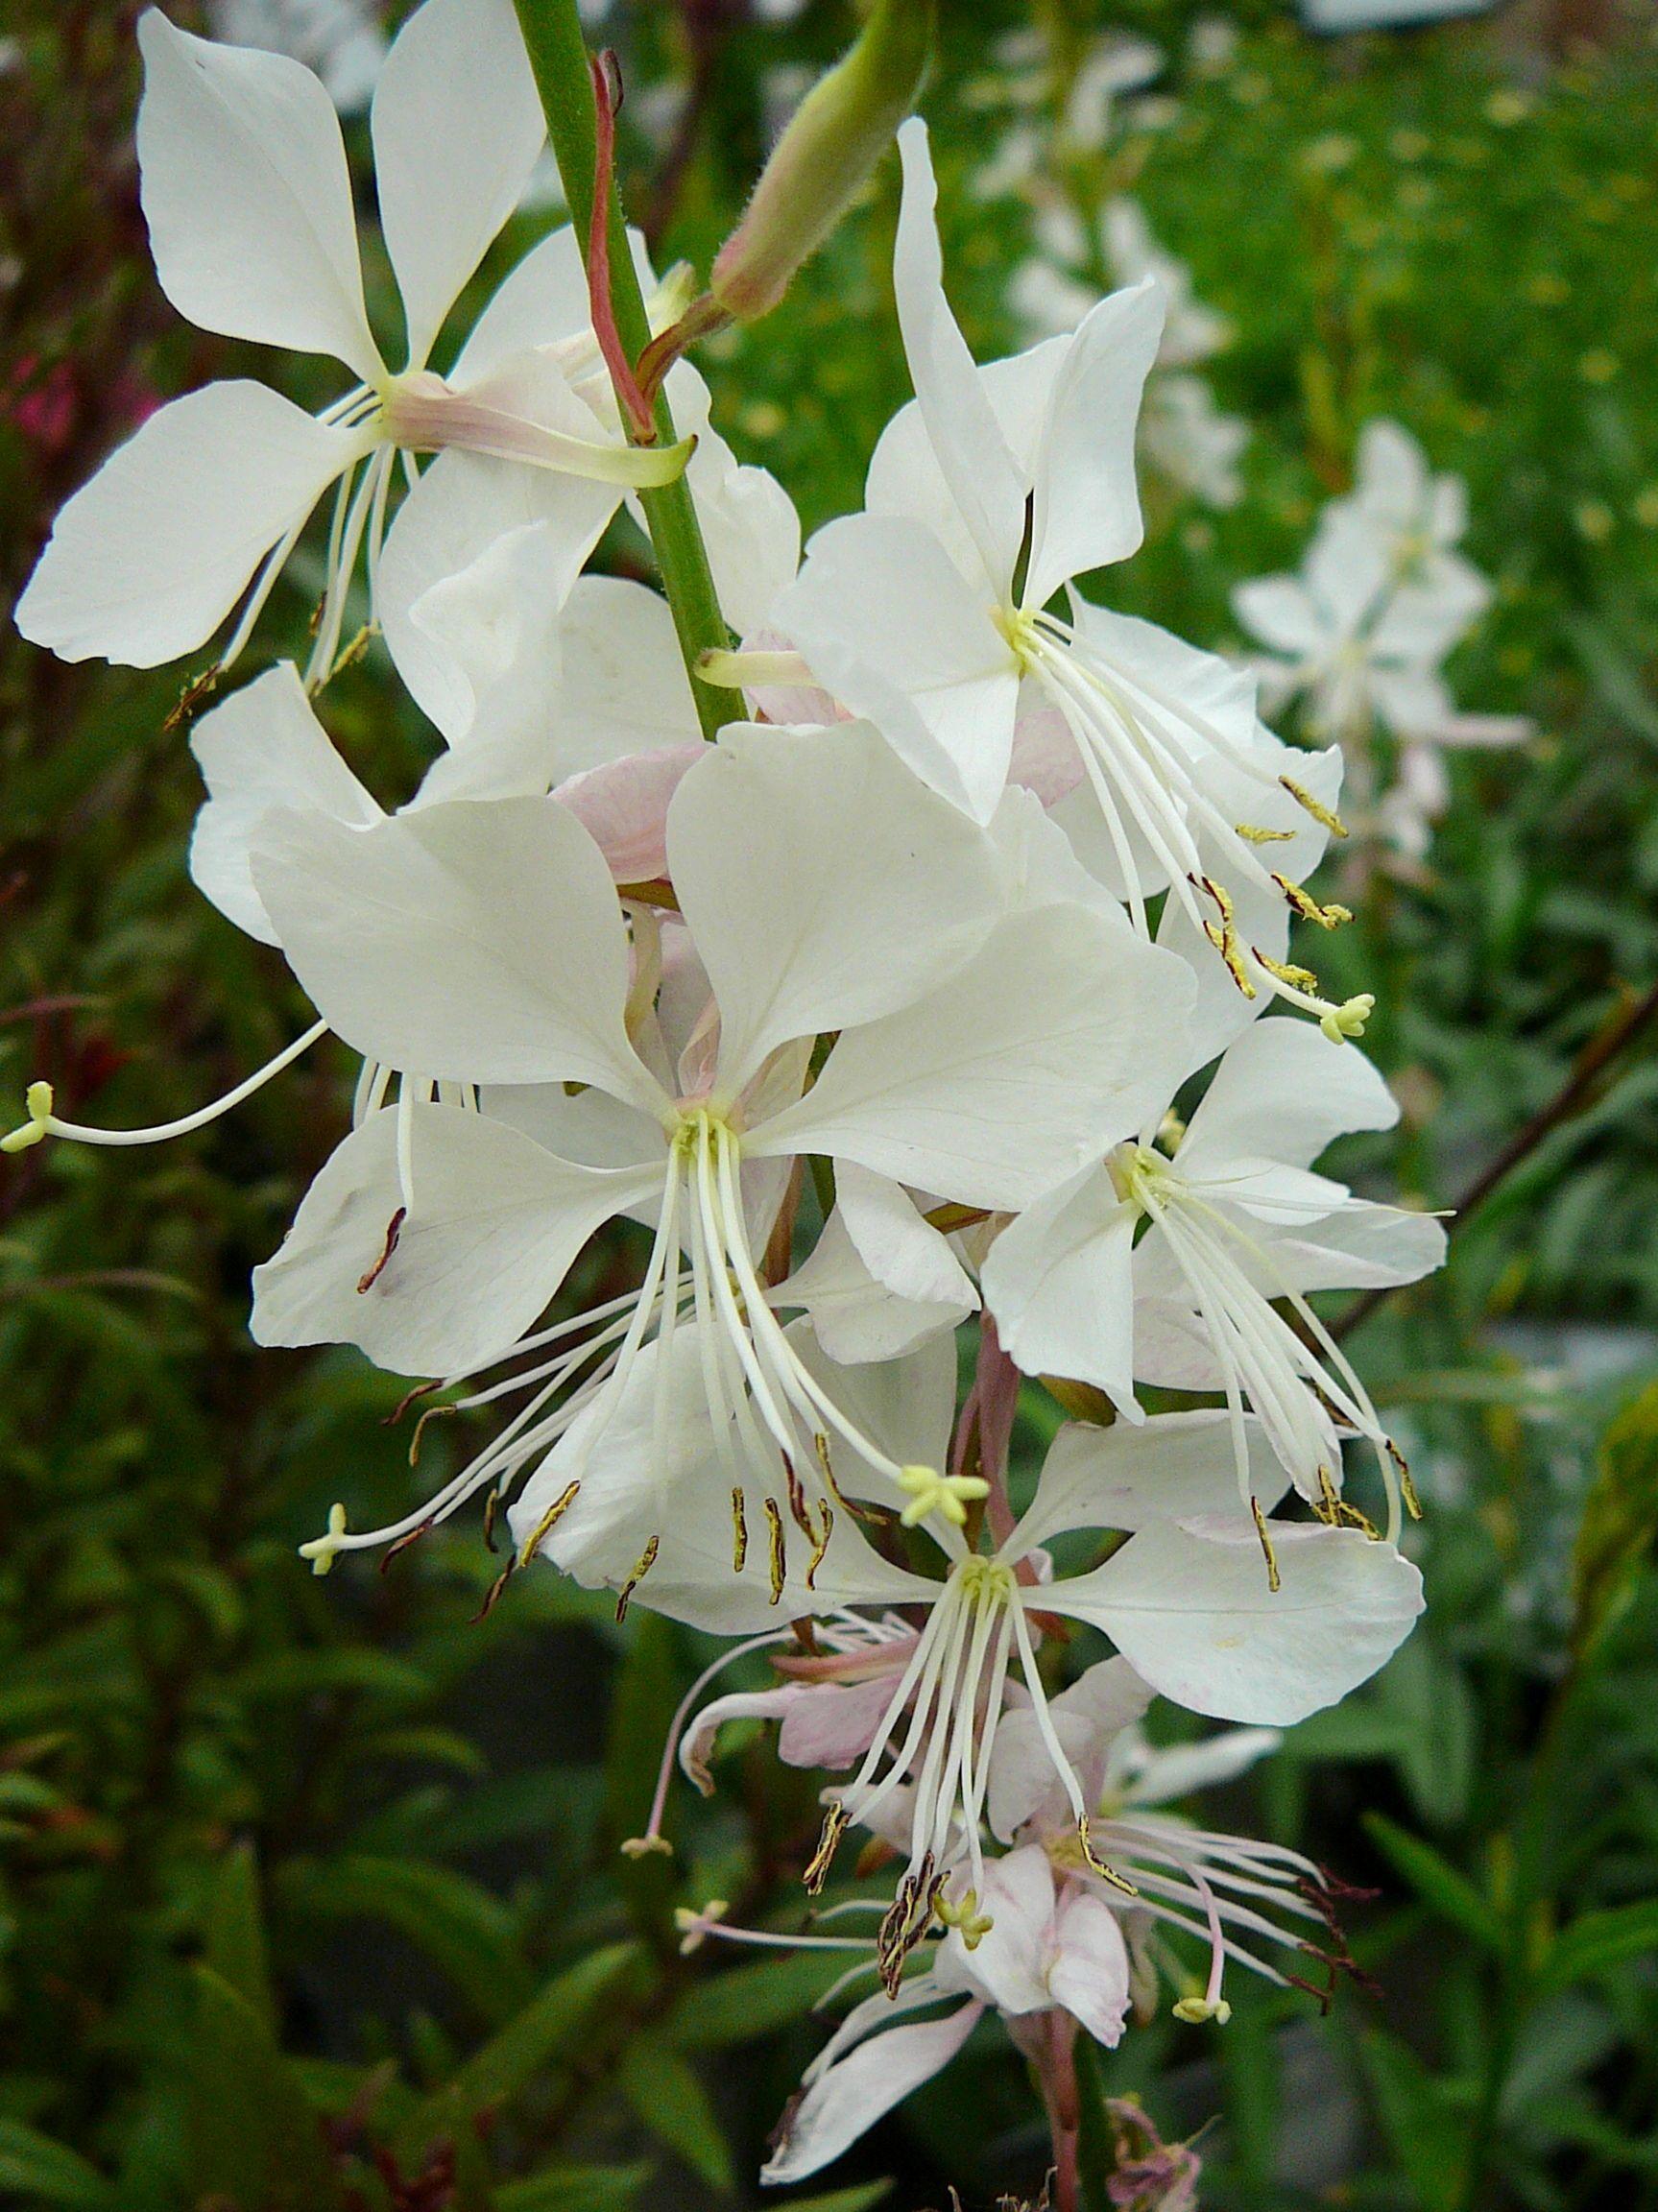 Witte Vaste Planten.Prachtig Bloeiende Vaste Plant Met Talrijke Witte Bloemen Aan